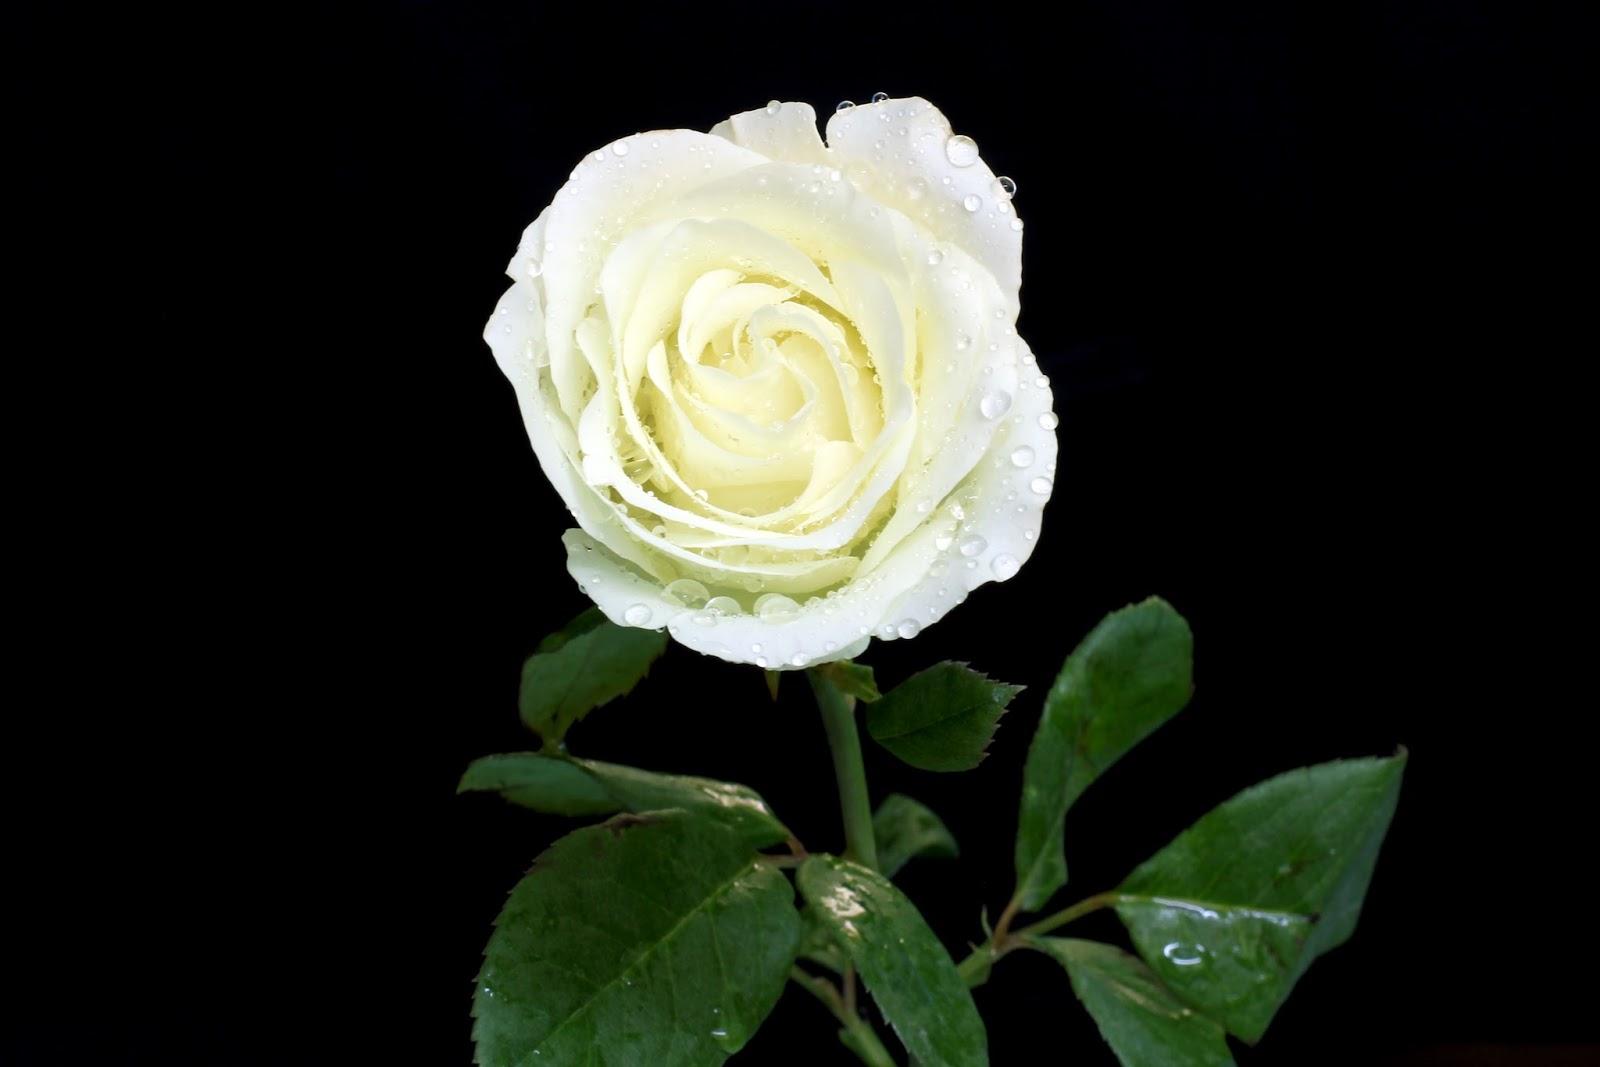 UN REGALO QUE TE DIÓ LA VIDA CAPÍTULO 6: Fotos-de-rosas-blancas-white-roses-photos%2B(7)